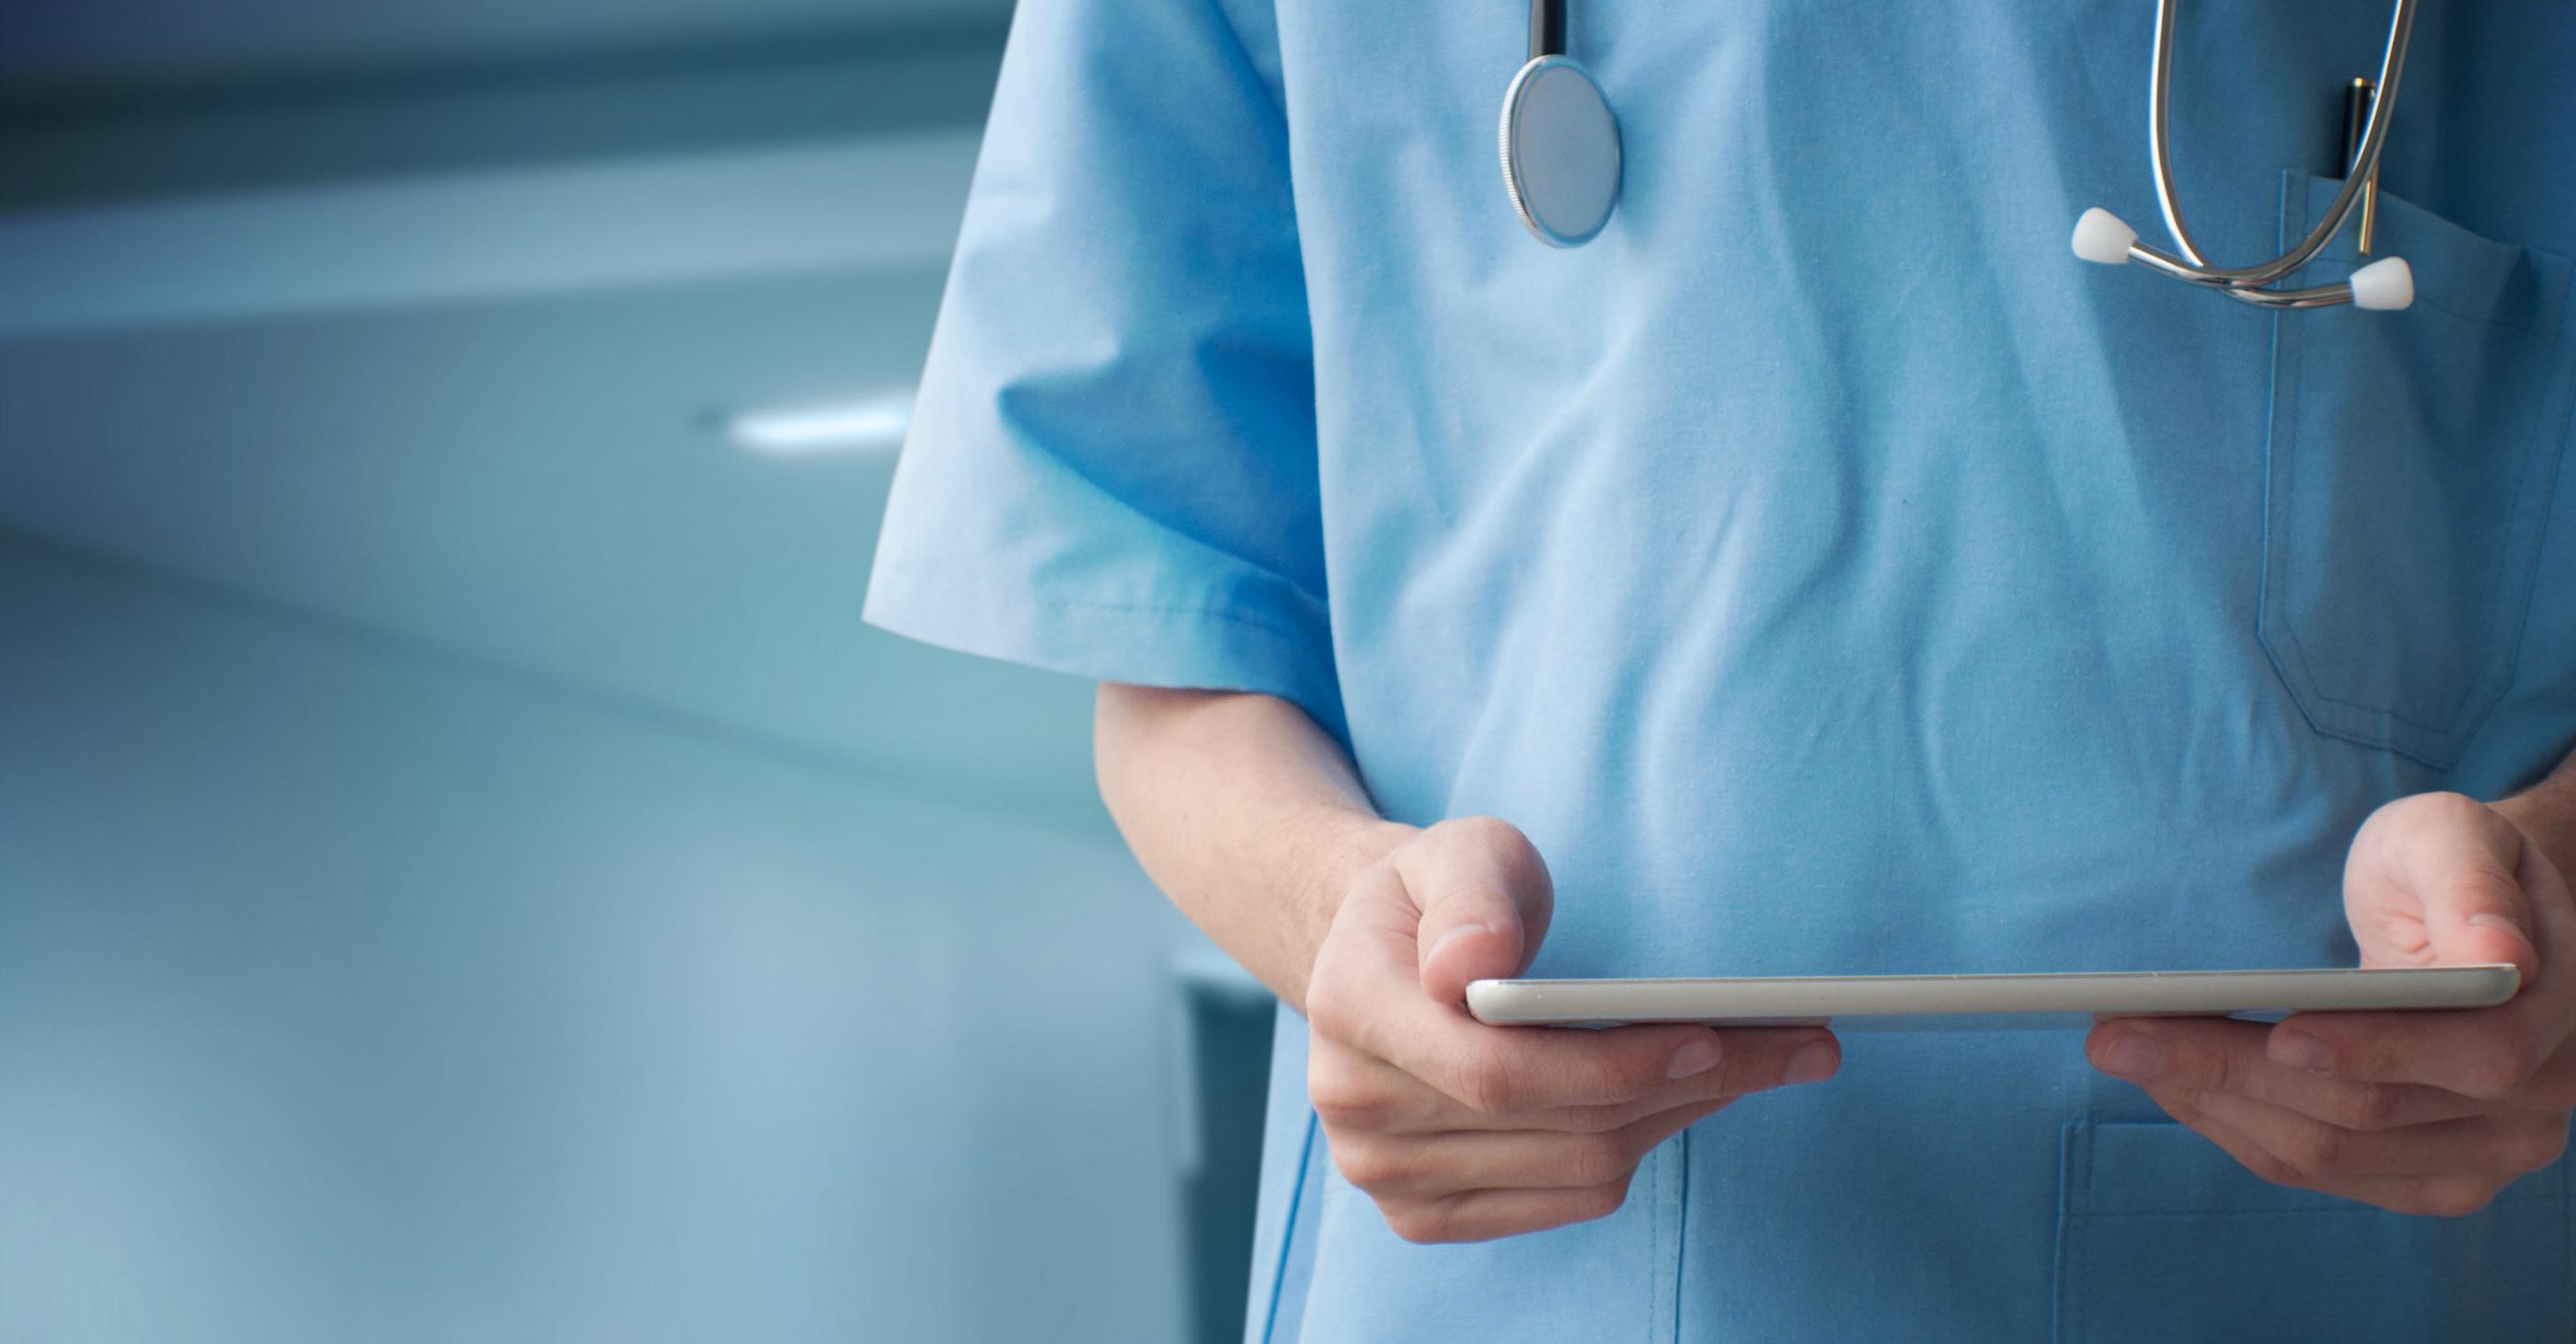 Clínicas de vacina não precisam de registro na Anvisa